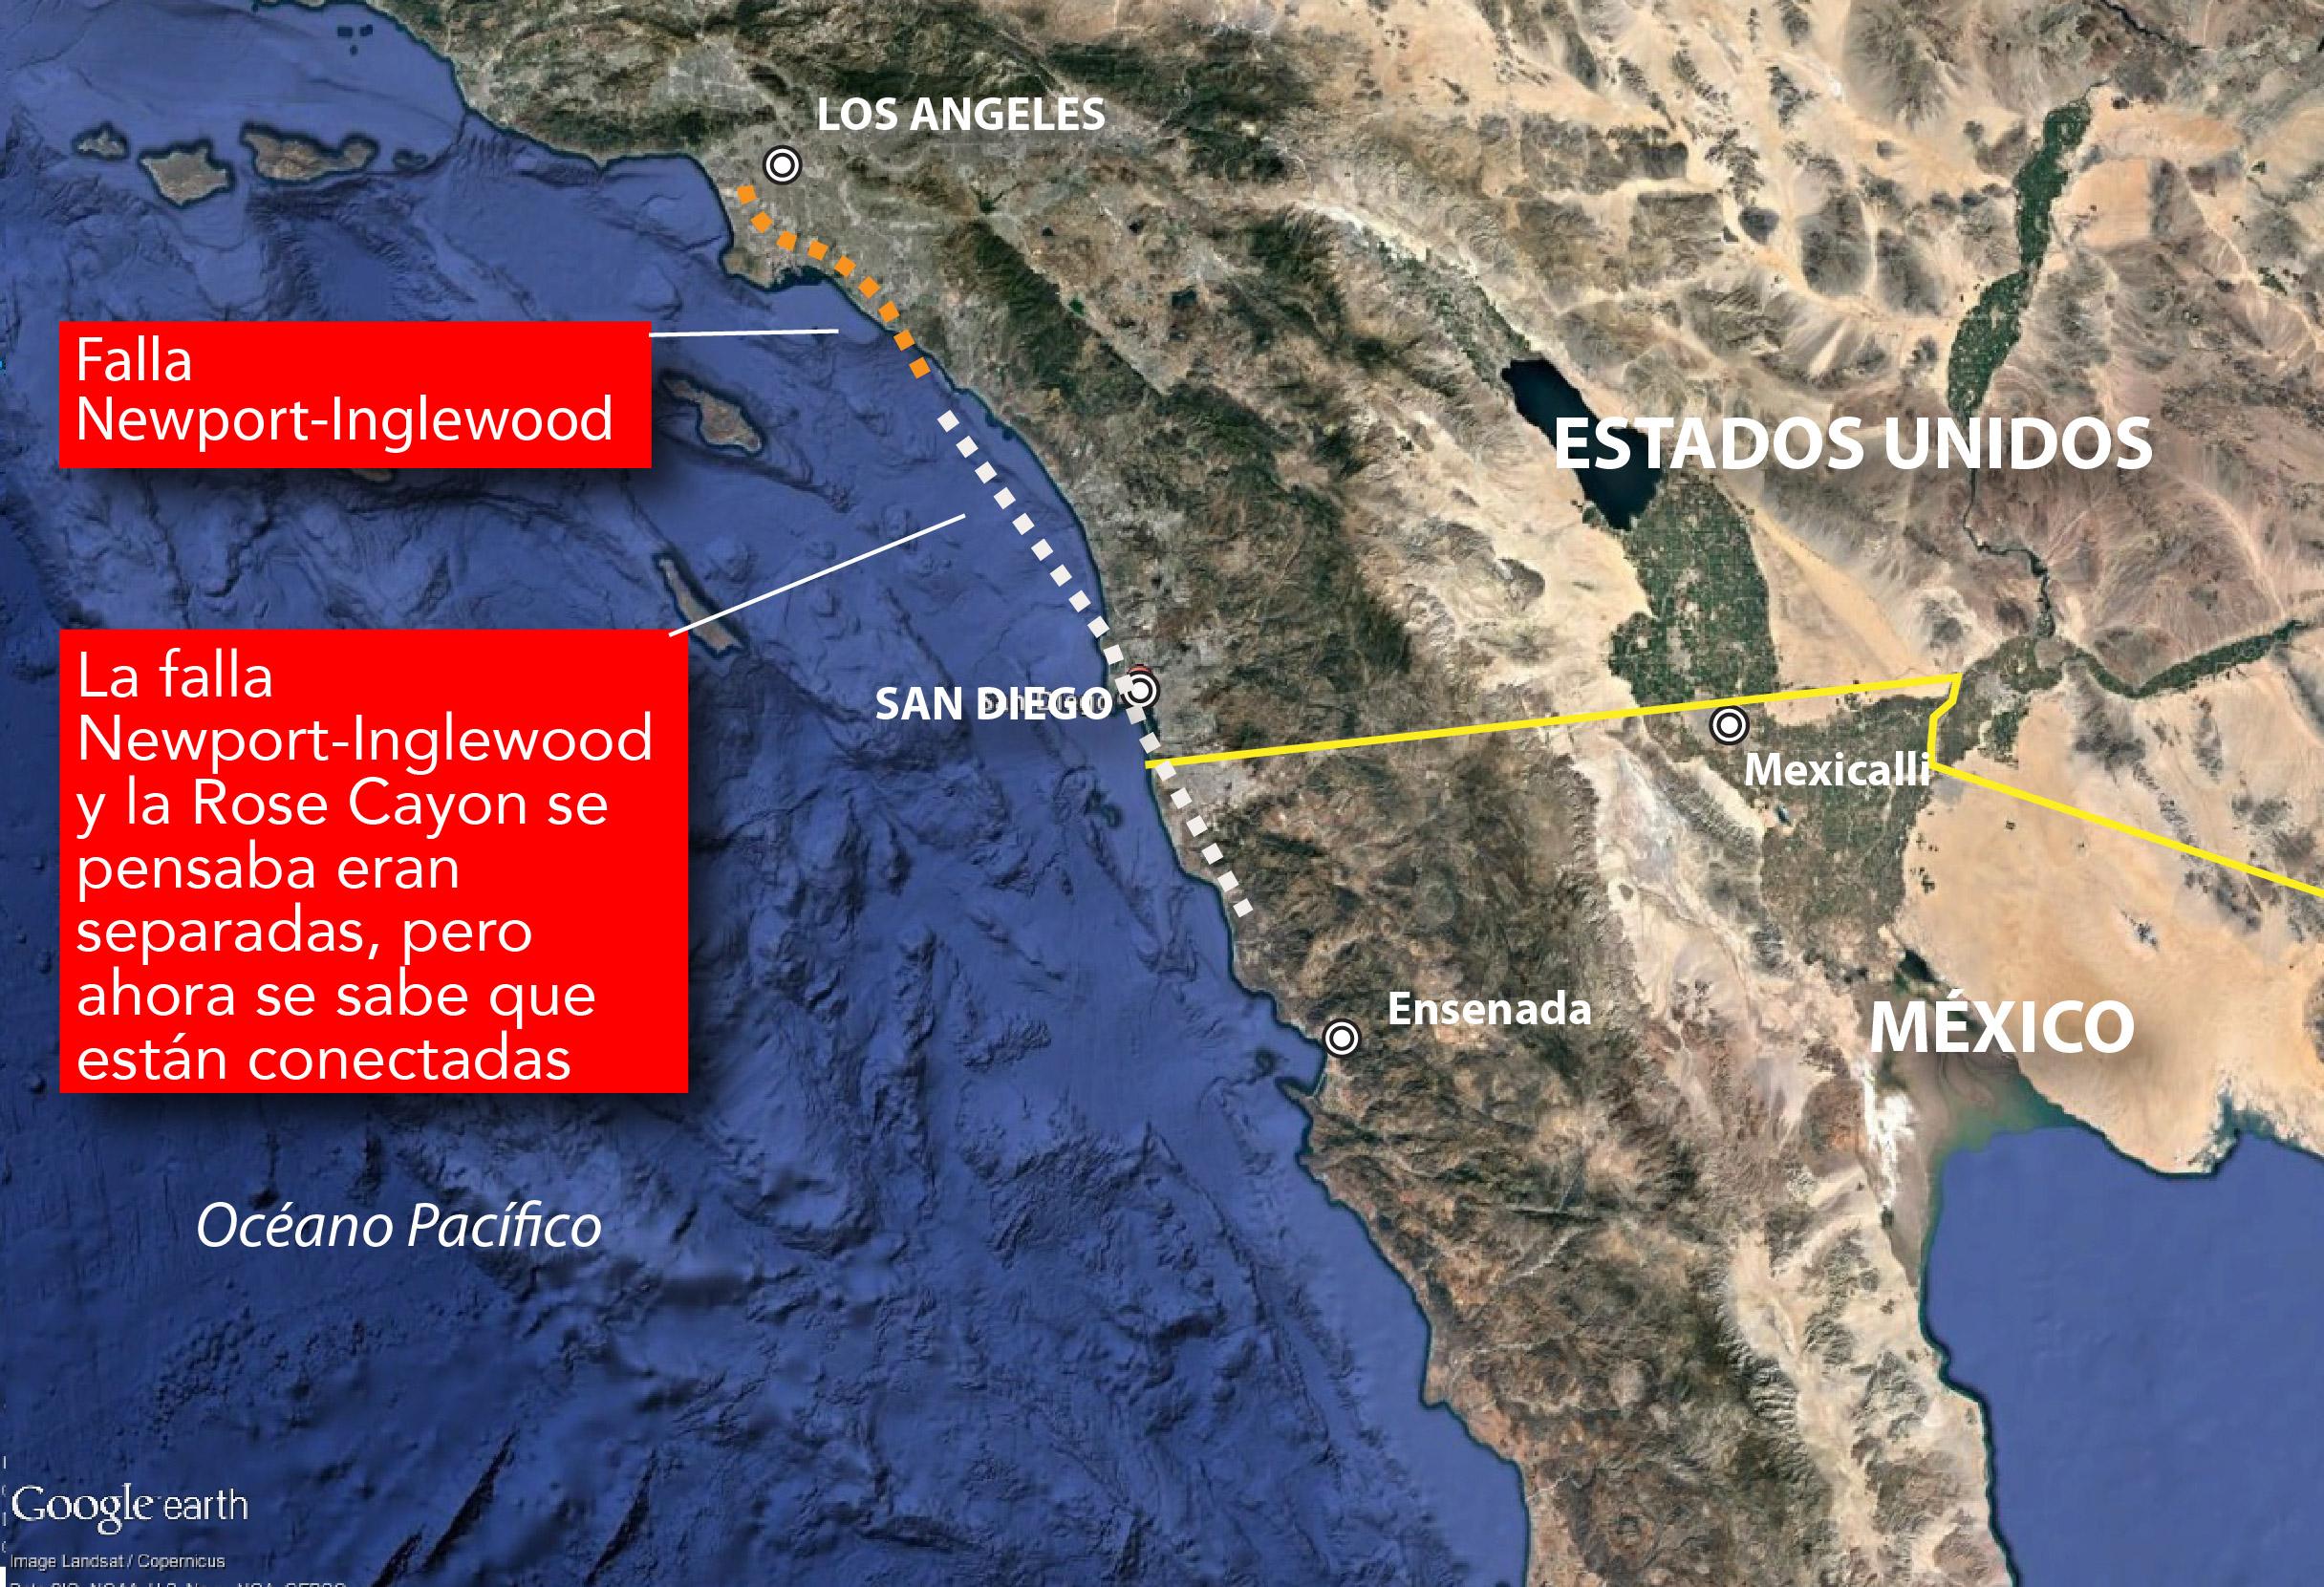 Aseguran científicos que gran terremoto podría sacudir California